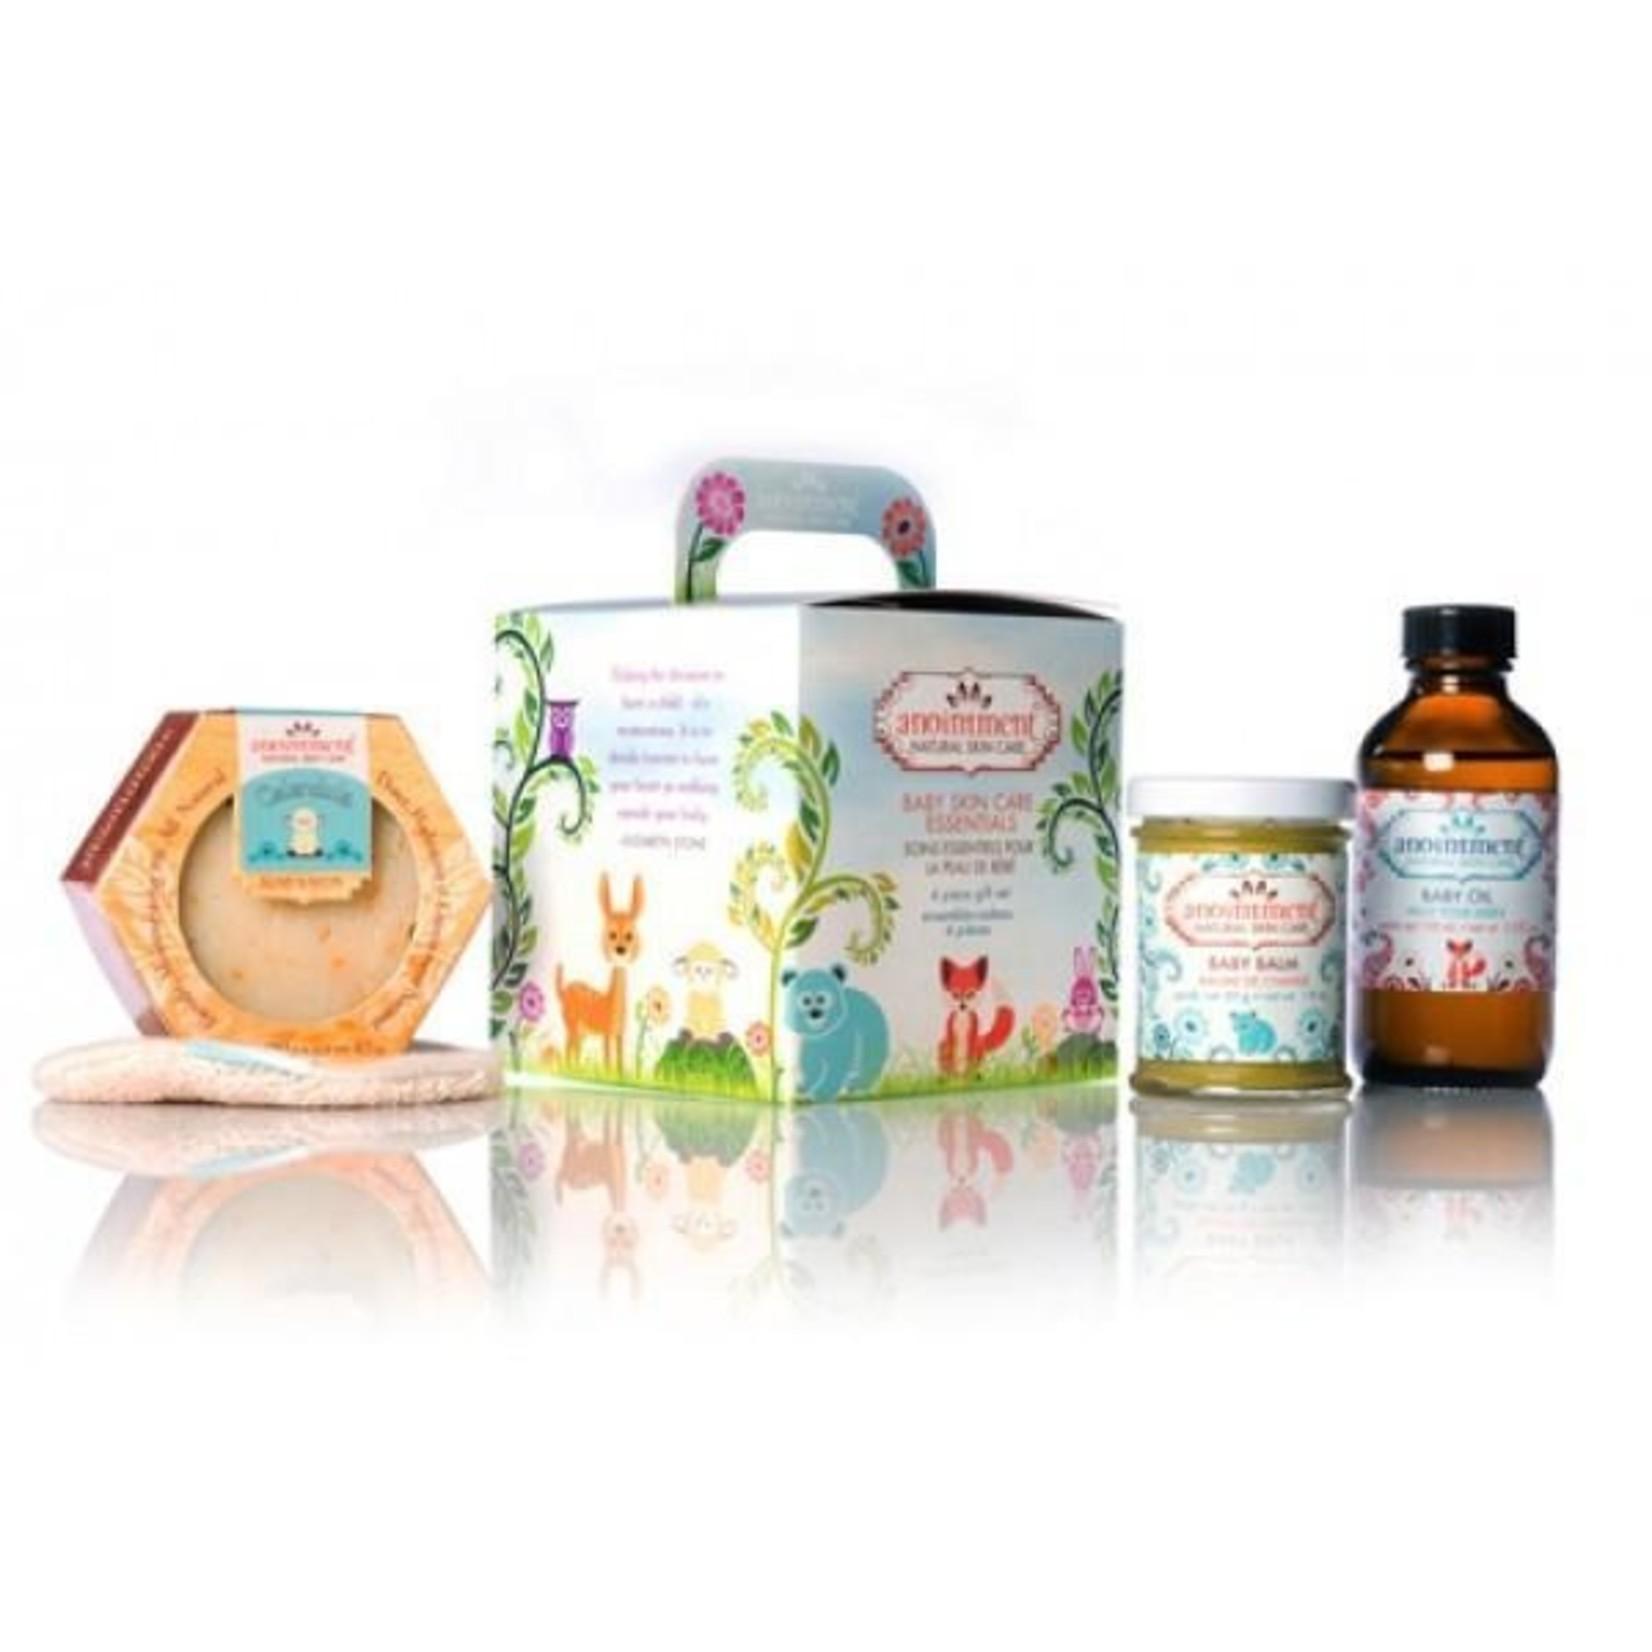 Baby Skin Care Essentials- 4 piece gift set